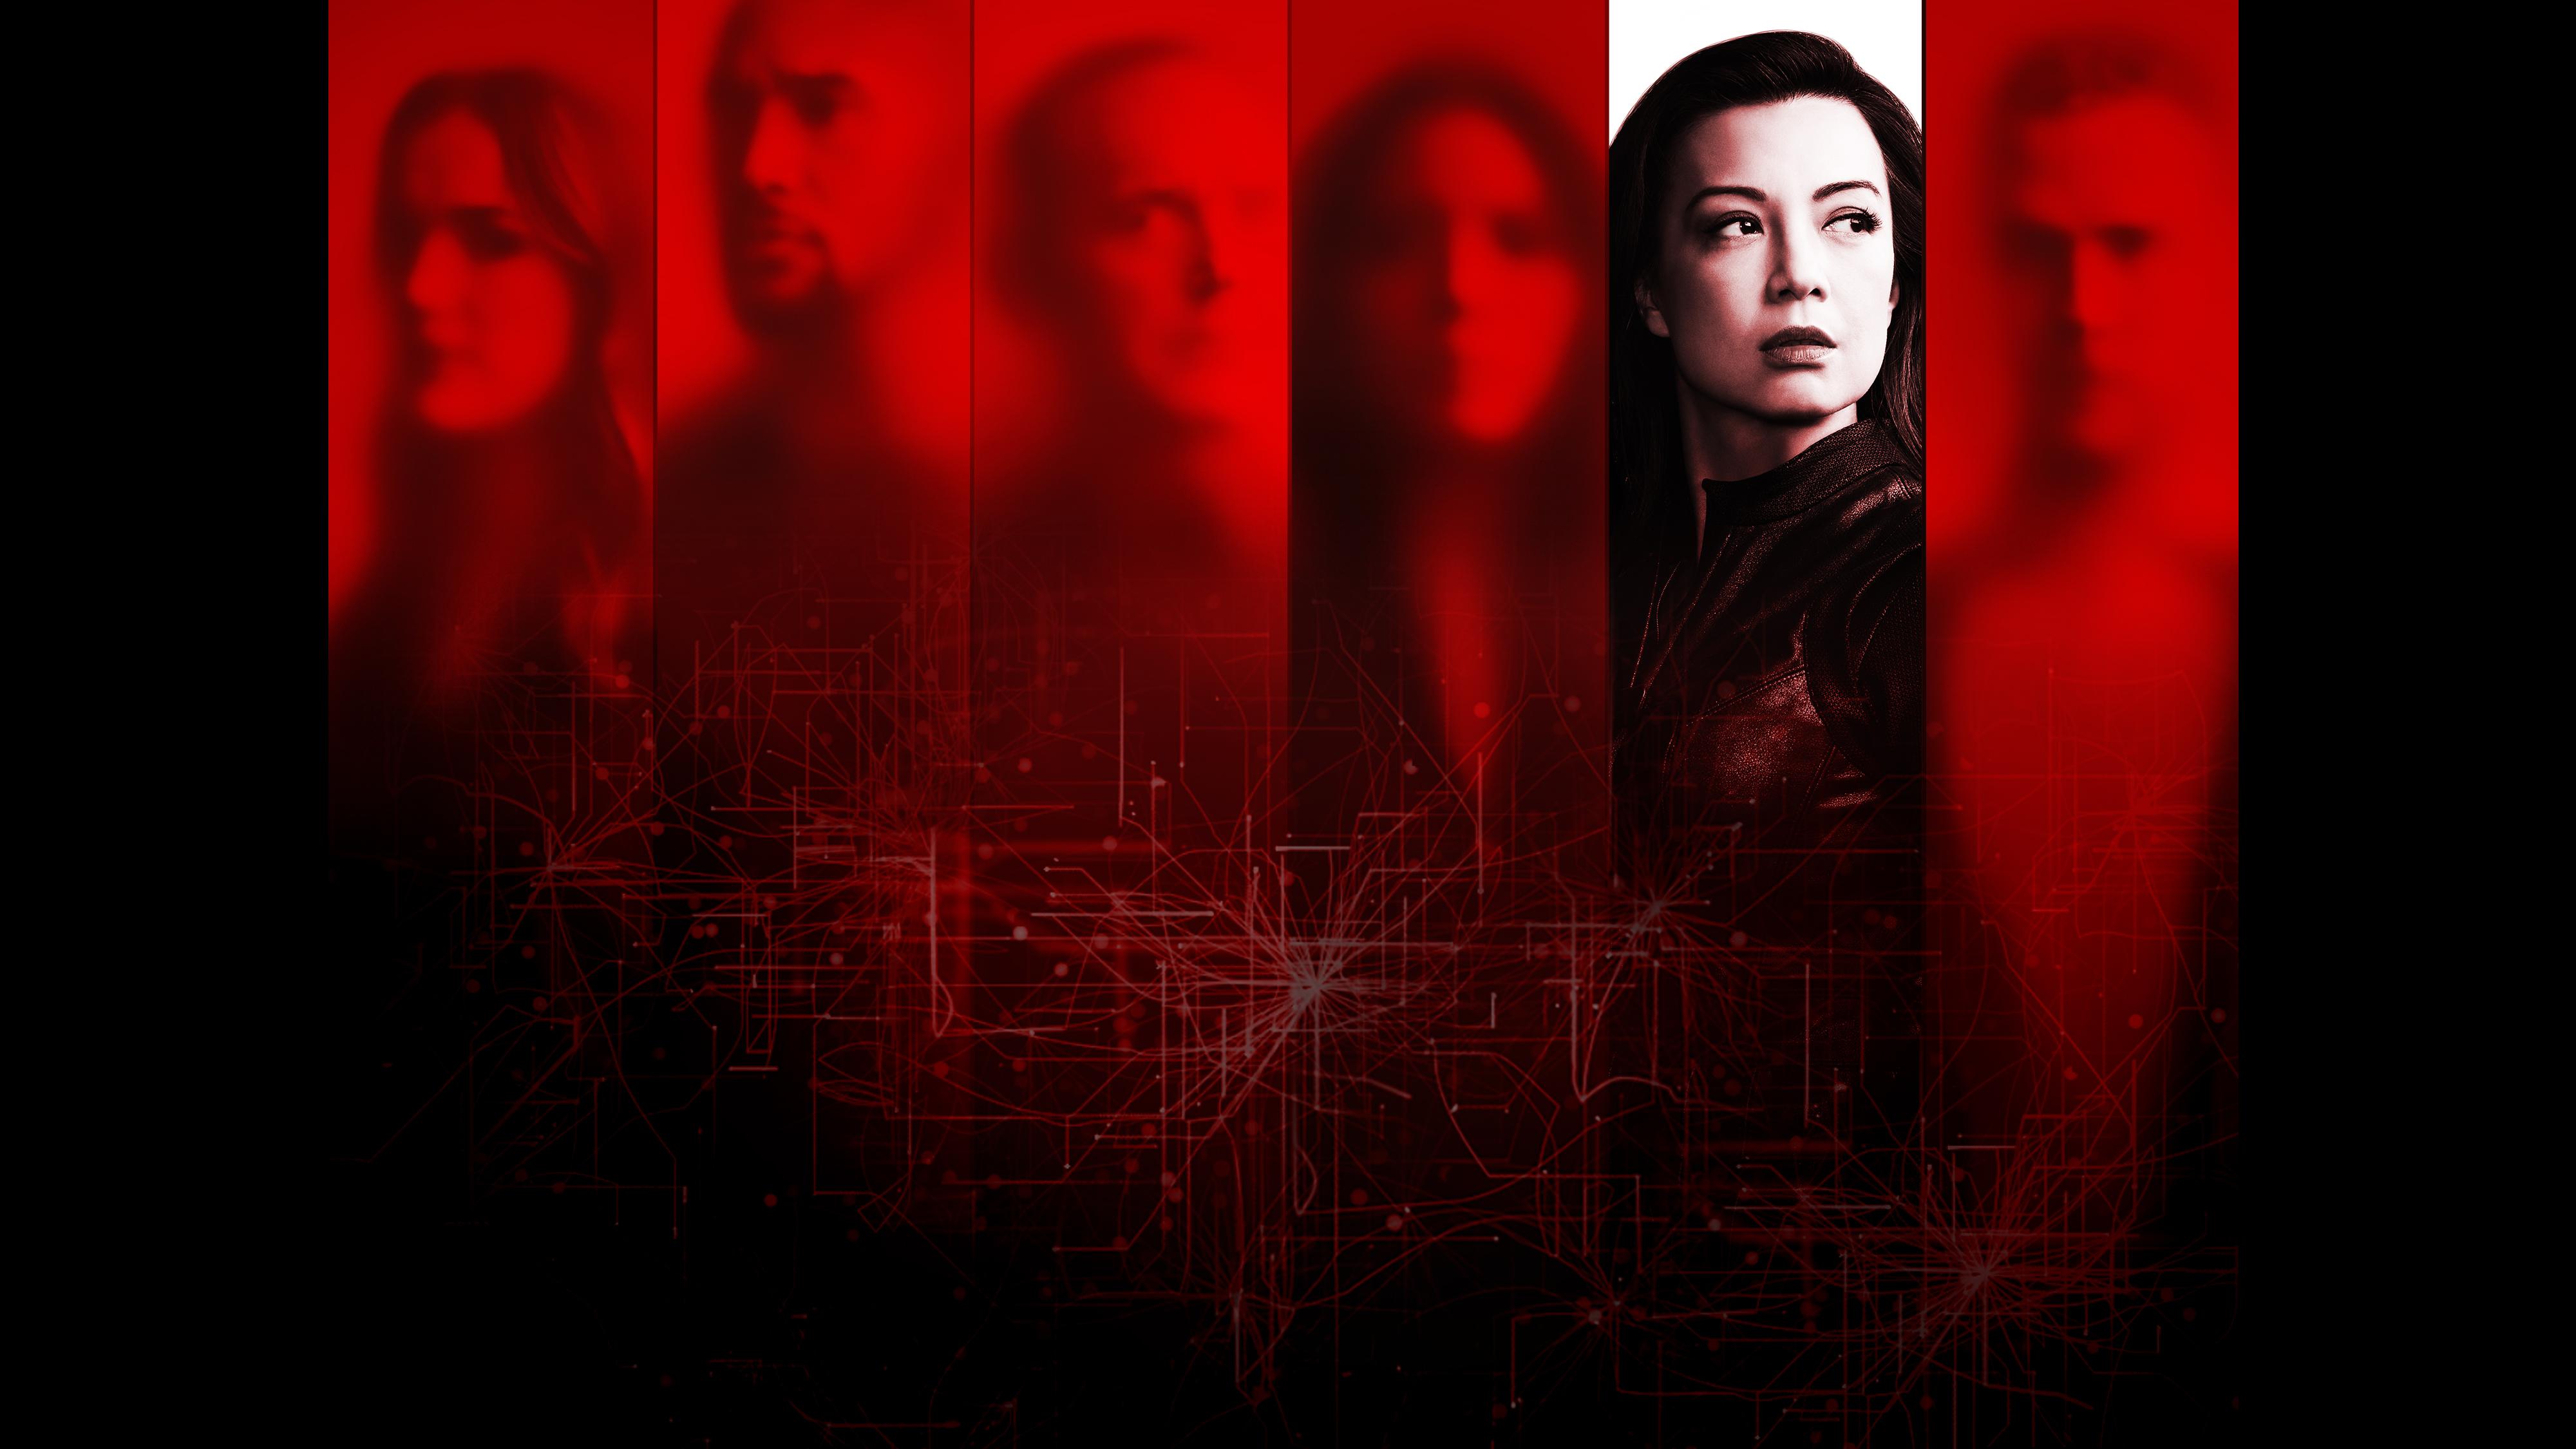 Agents of SHIELD, Season 4, Melinda May, Ming-Na Wen, 4K, TV Series